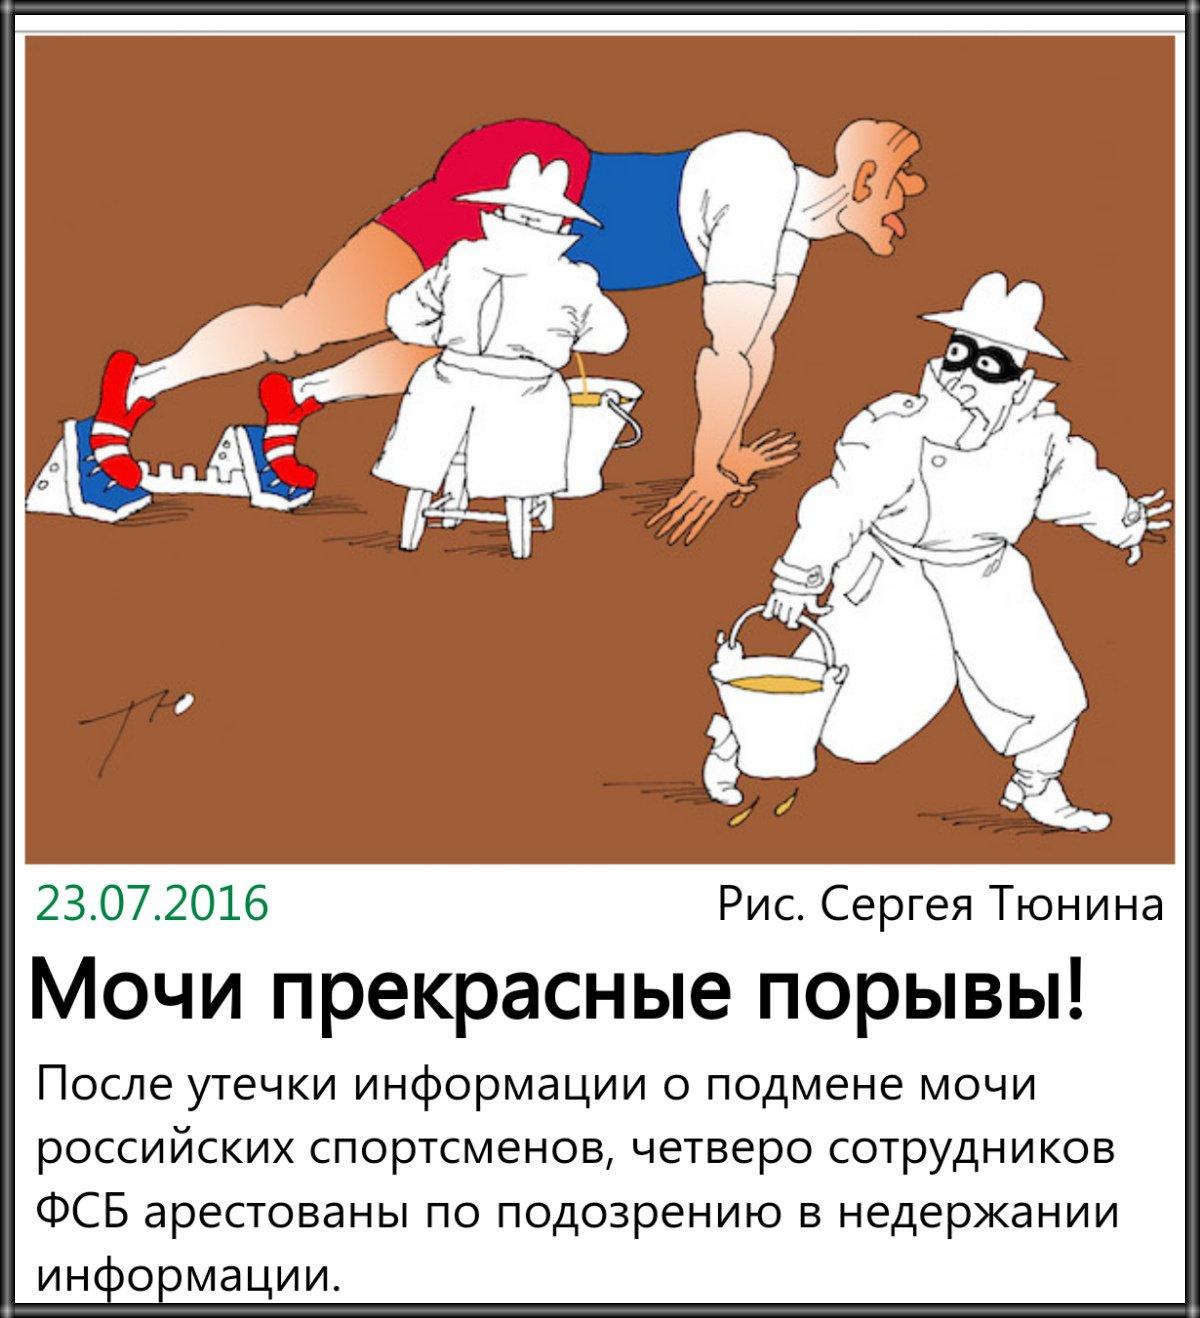 Чтобы попасть на Олимпиаду-2016, спортсмены из России должны пройти трехступенчатый фильтр допуска, - МОК - Цензор.НЕТ 2954